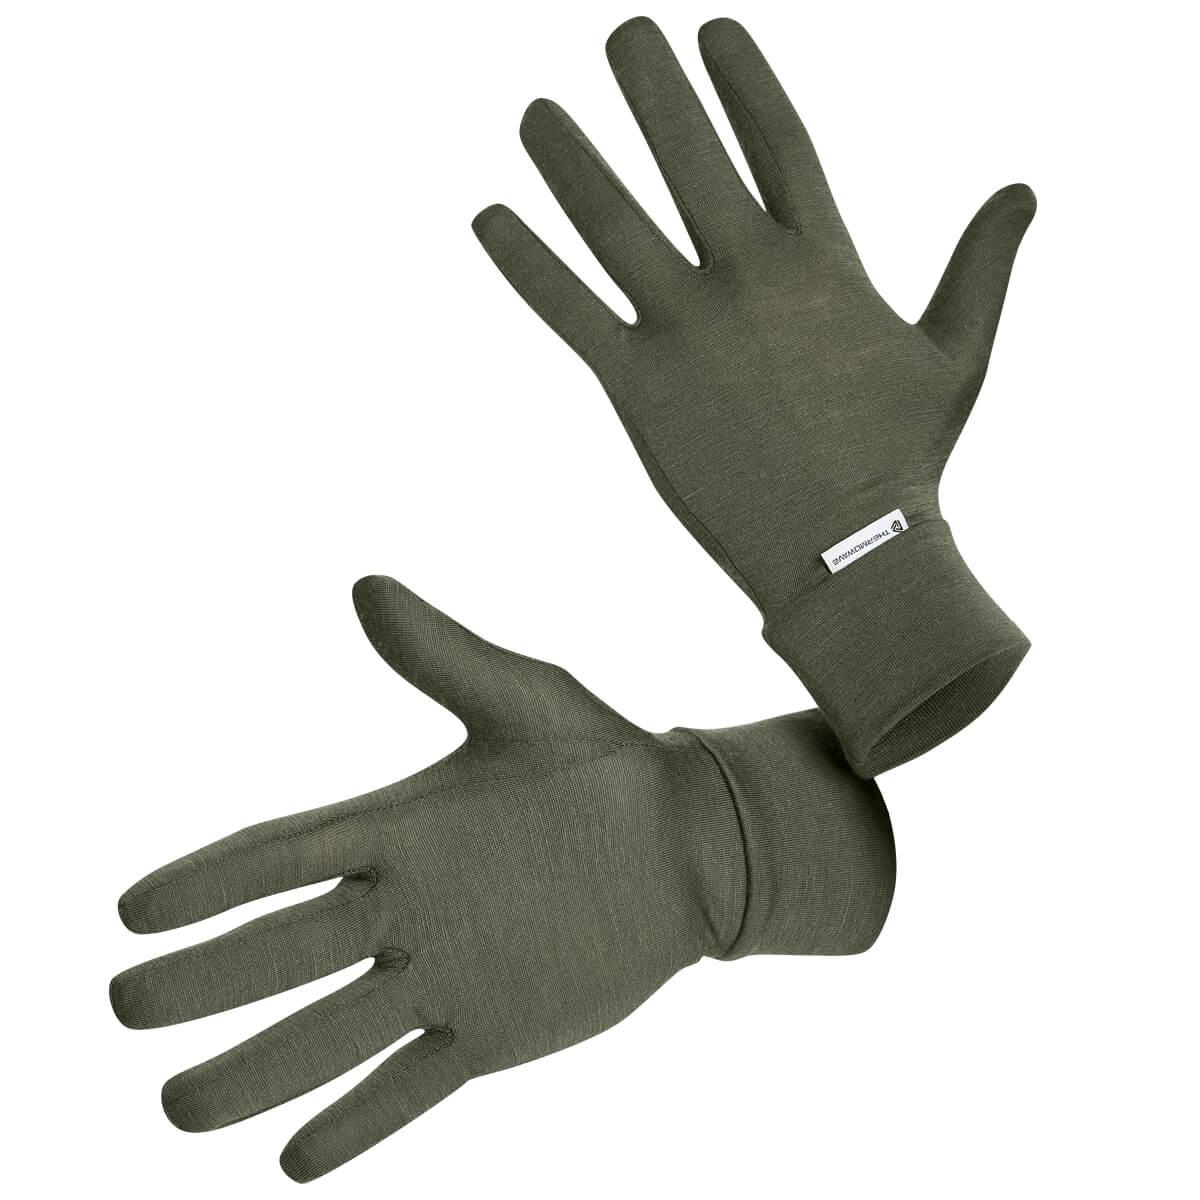 Thermowave Handschuhe Liner (grün) - Handschuhe